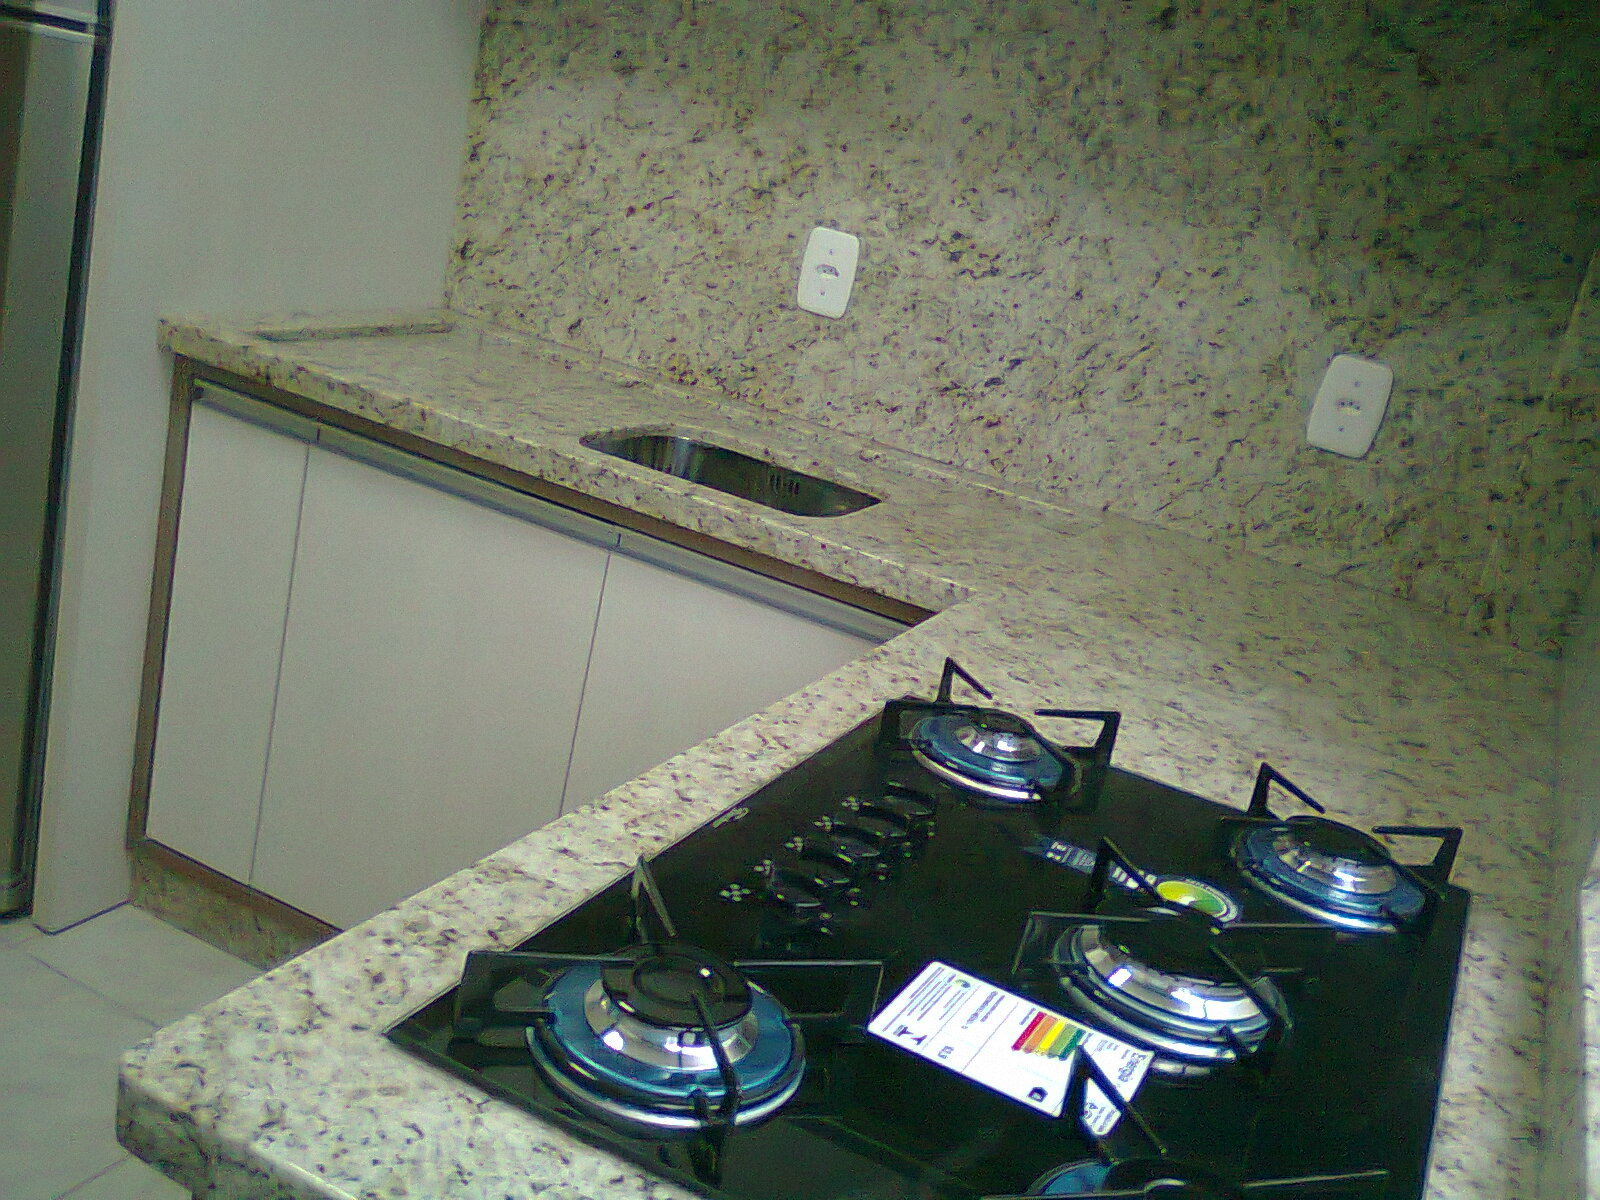 #2A4066 Granitos e Mármores: Cozinhas em Granito 1600x1200 px Bancada De Granito Para Cozinha Americana Preço_2423 Imagens